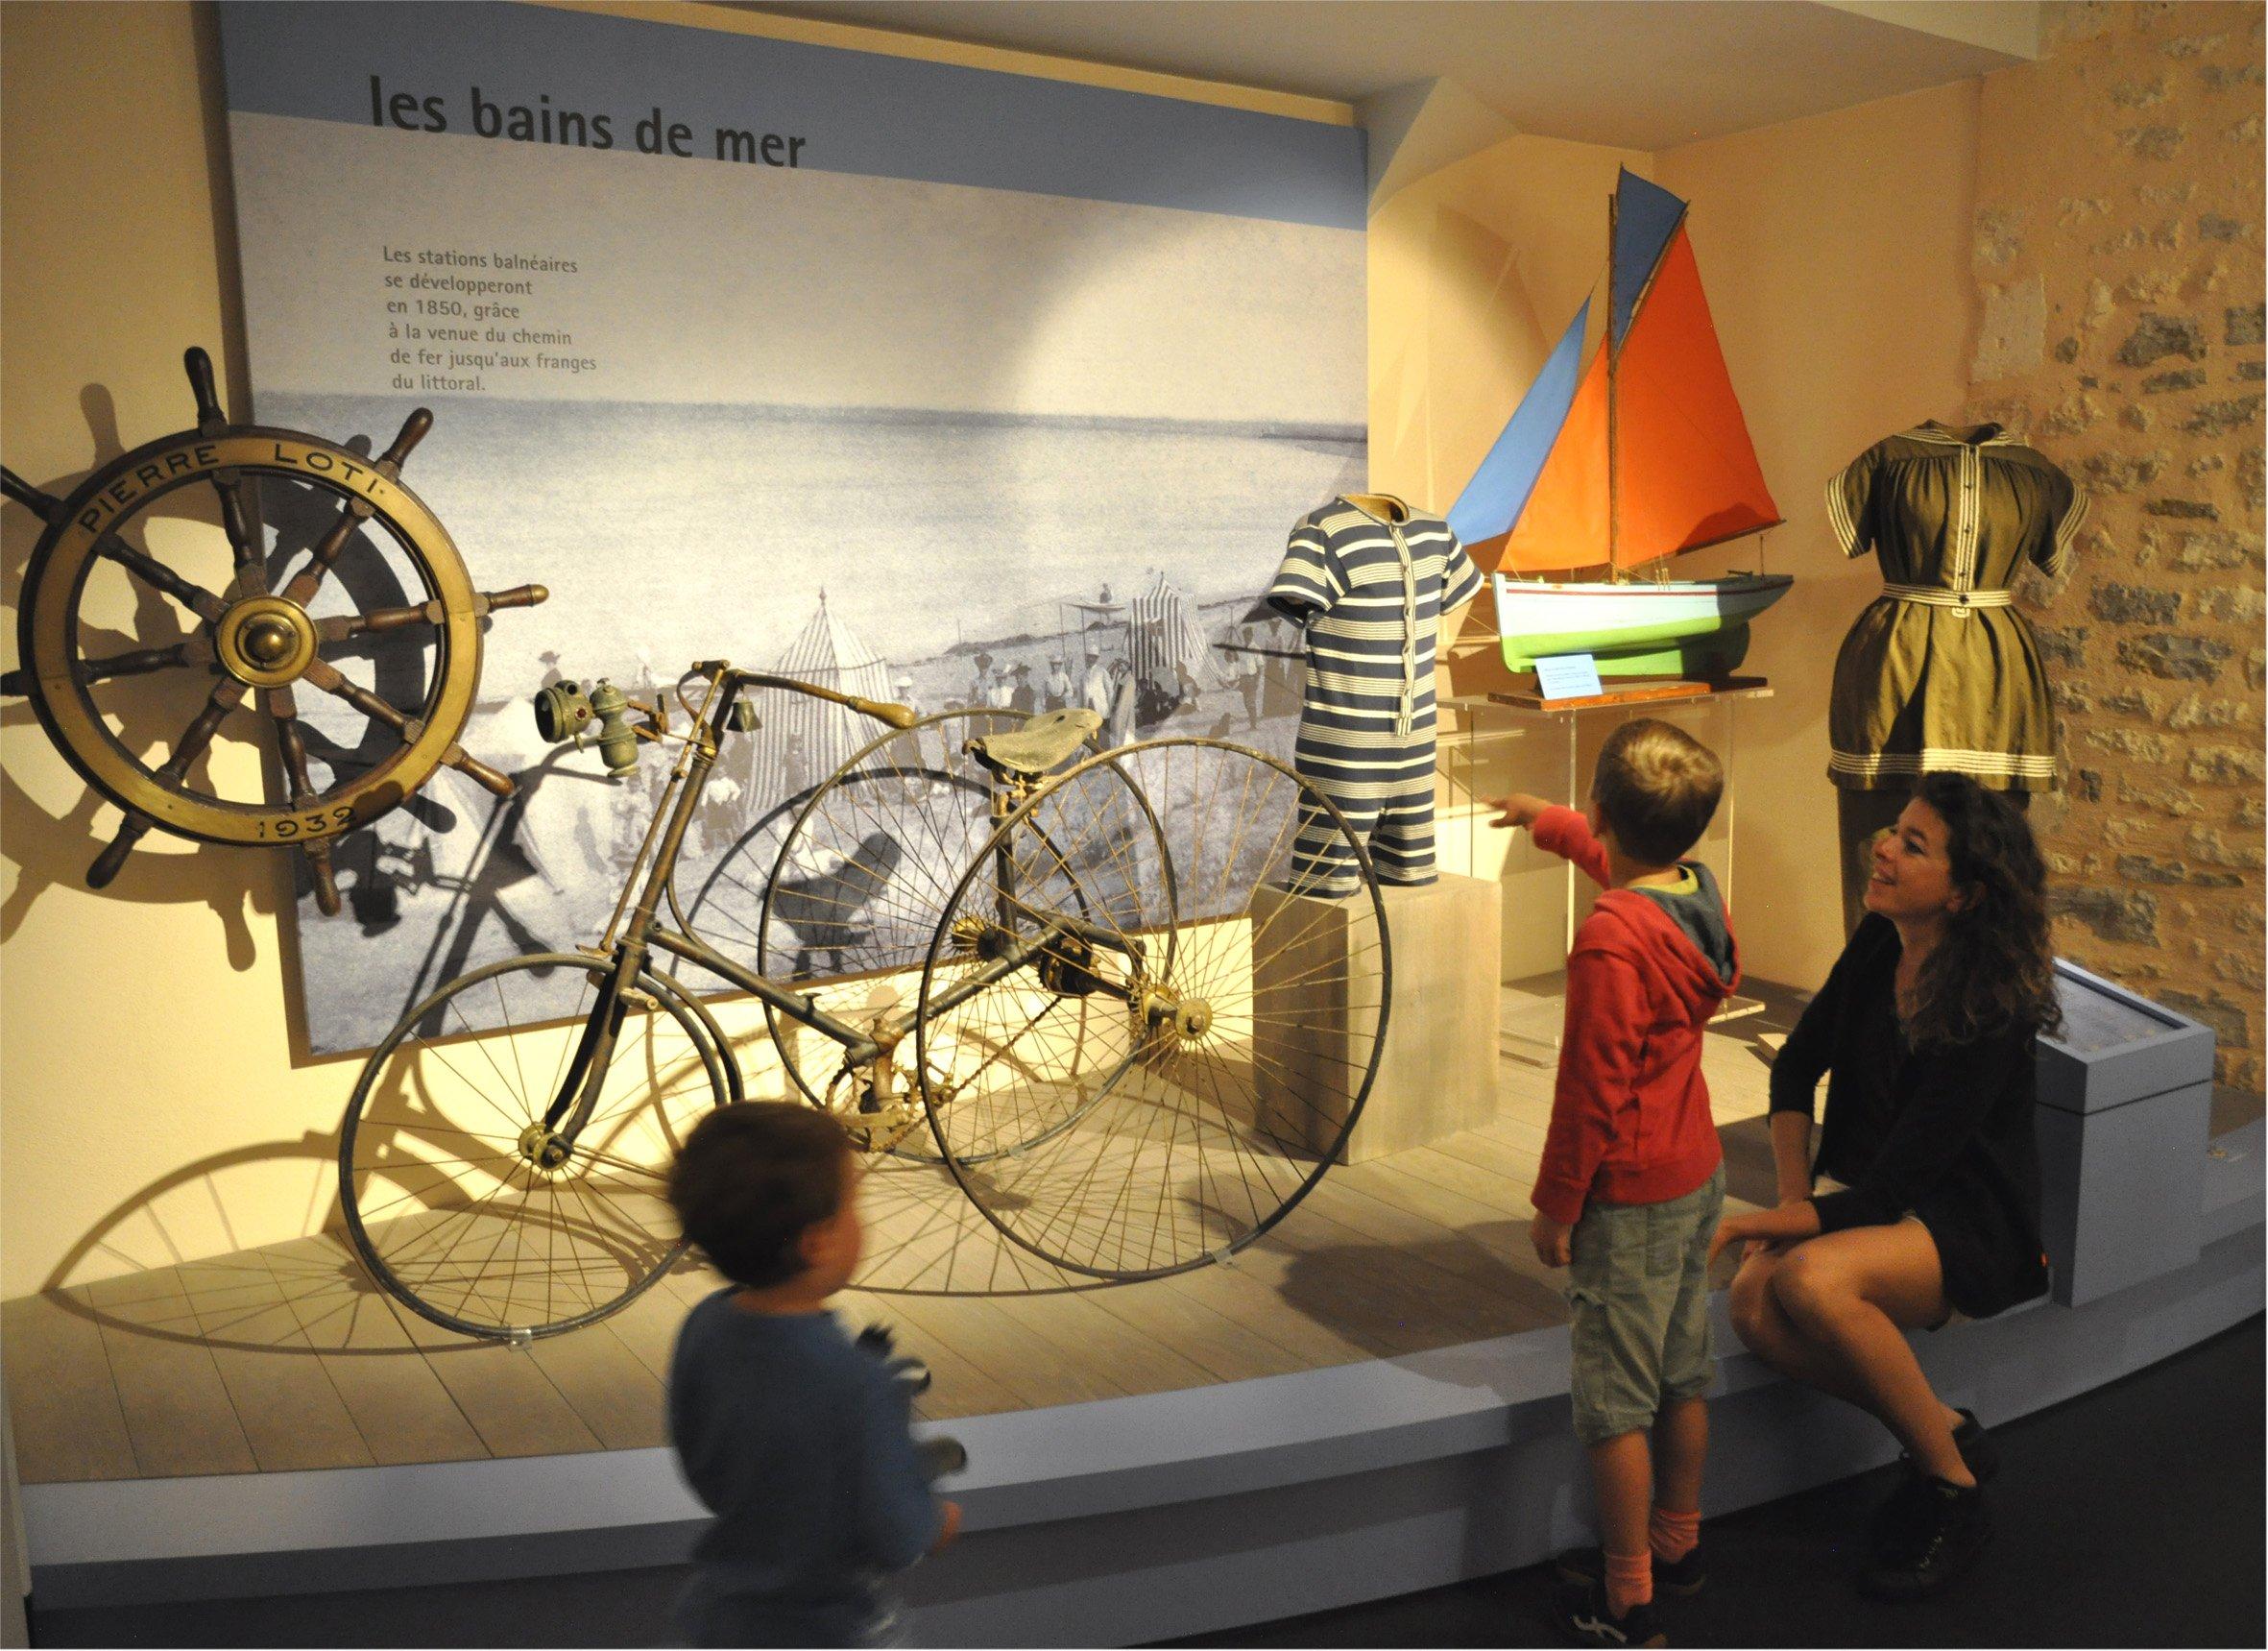 Essor du tourisme - crédit Musée de l'île d'Oléron3